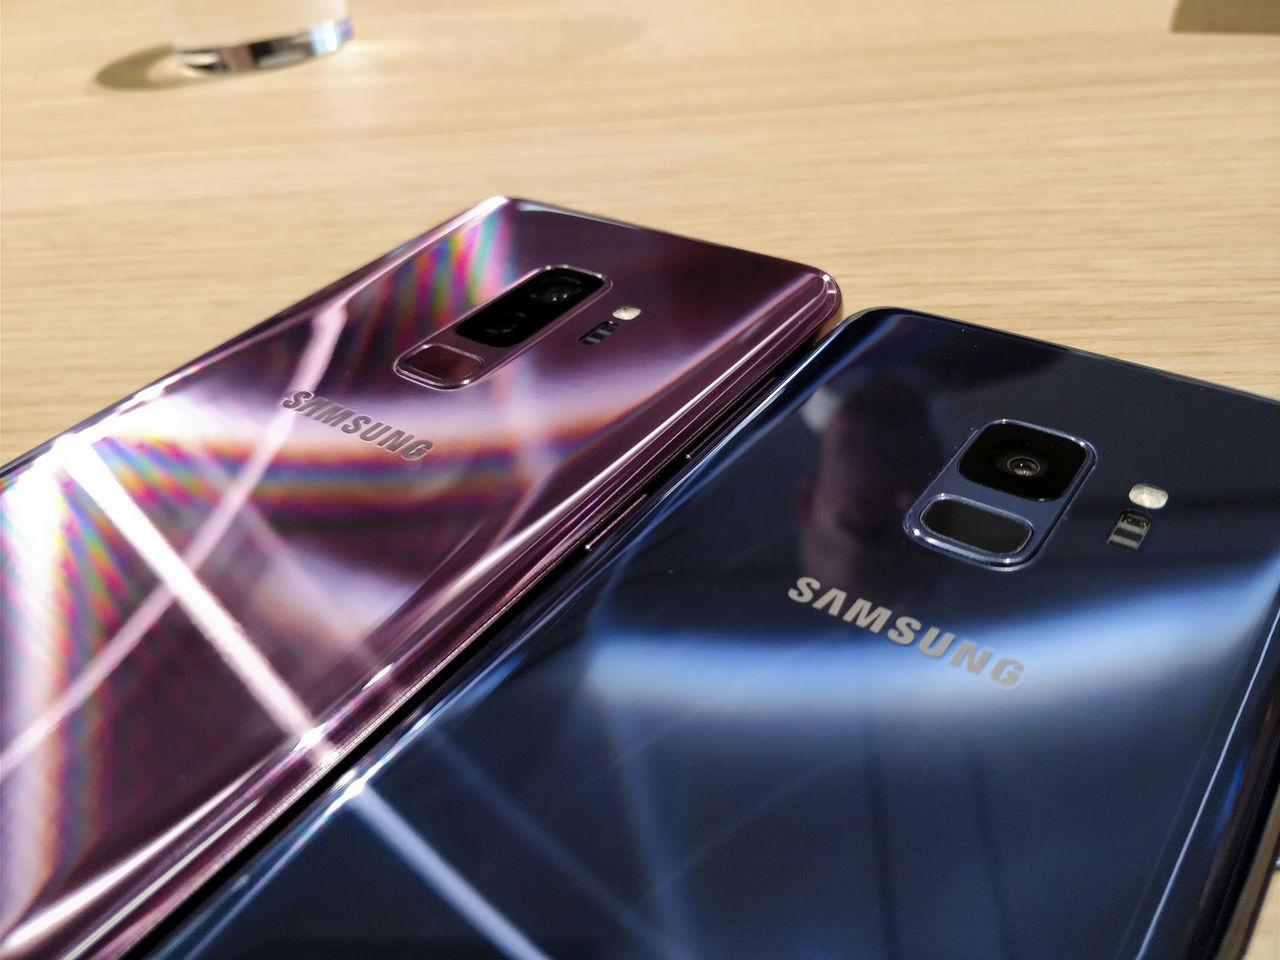 Samsung-telefoner sms:ar bilder av sig själv